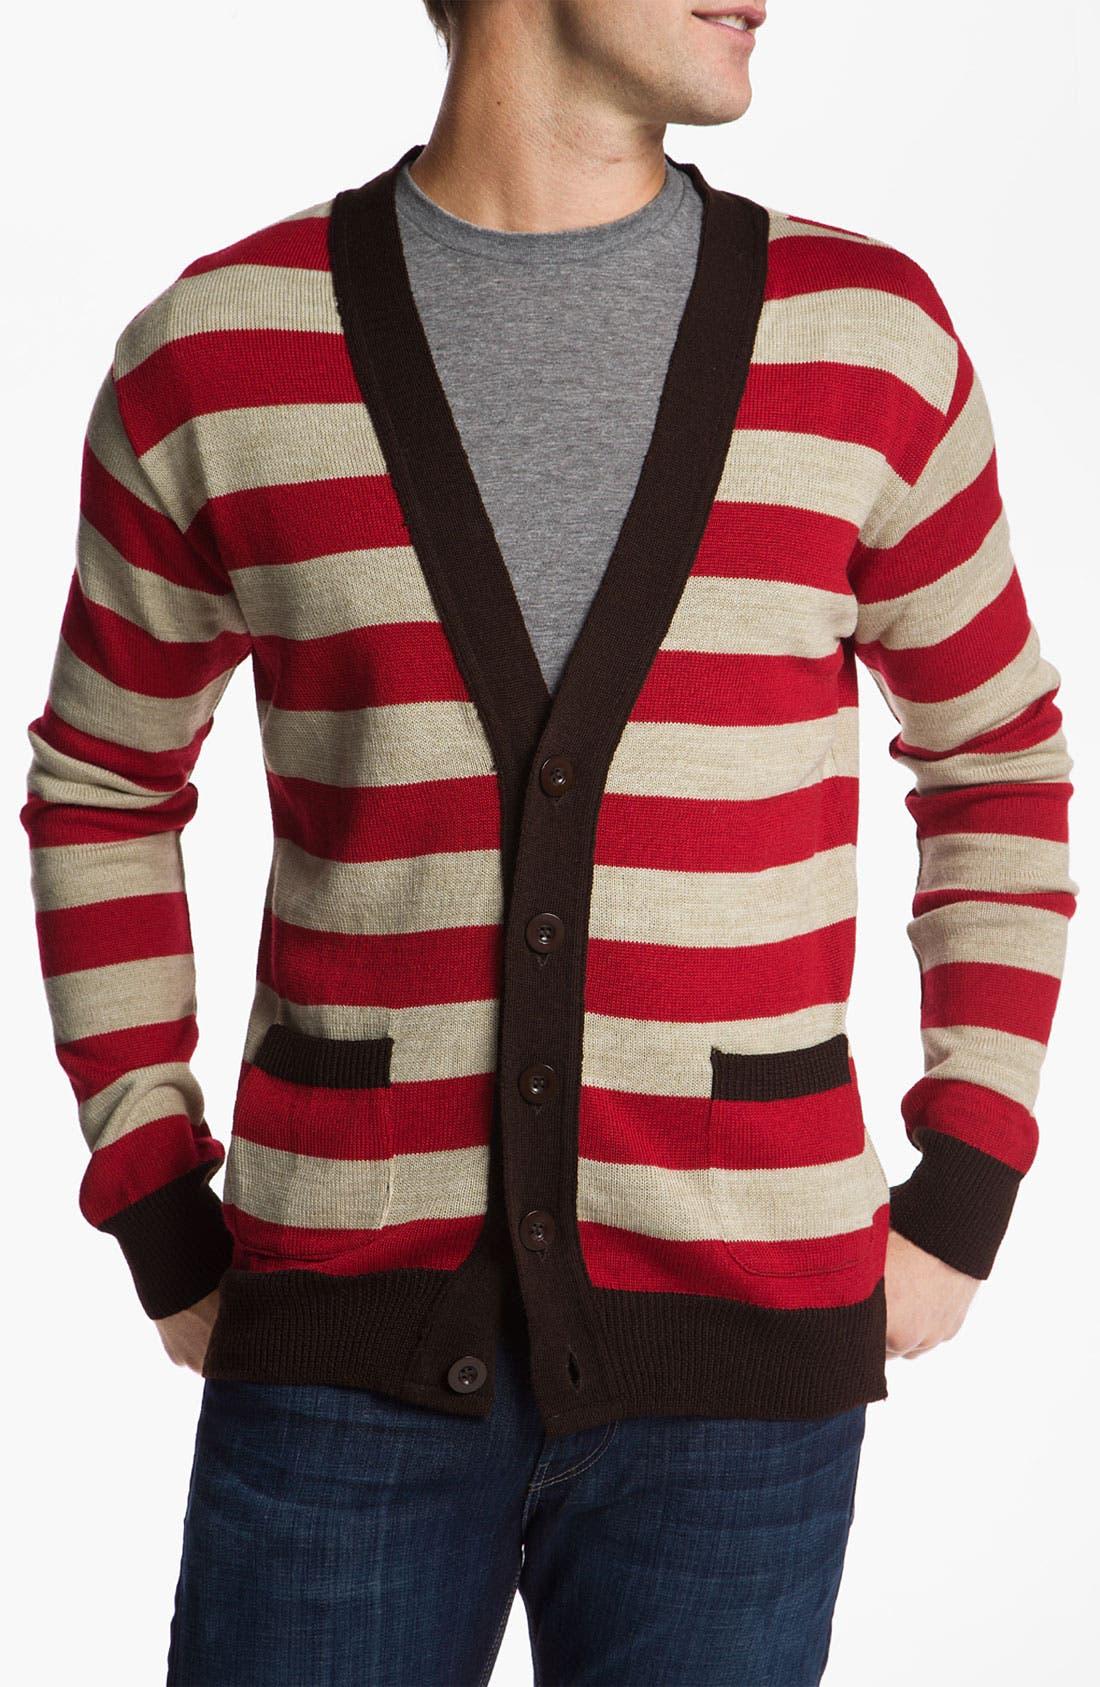 Alternate Image 1 Selected - Vanguard 'Norbert' Stripe Cardigan